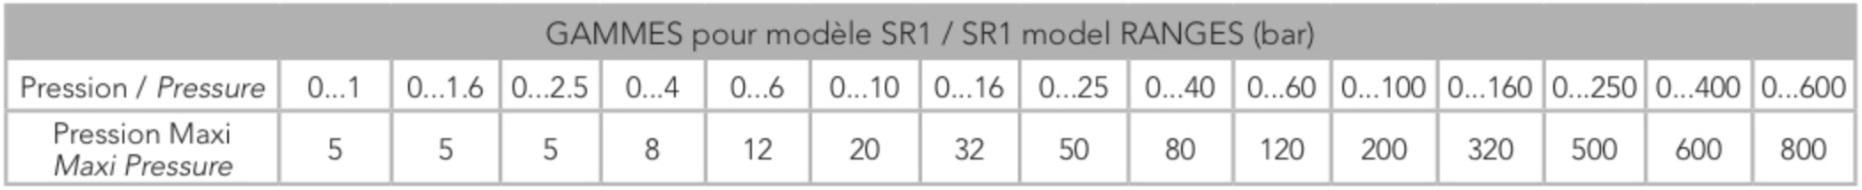 Thông số quá áp của cảm biến áp suất SR1 - Georgin / Pháp